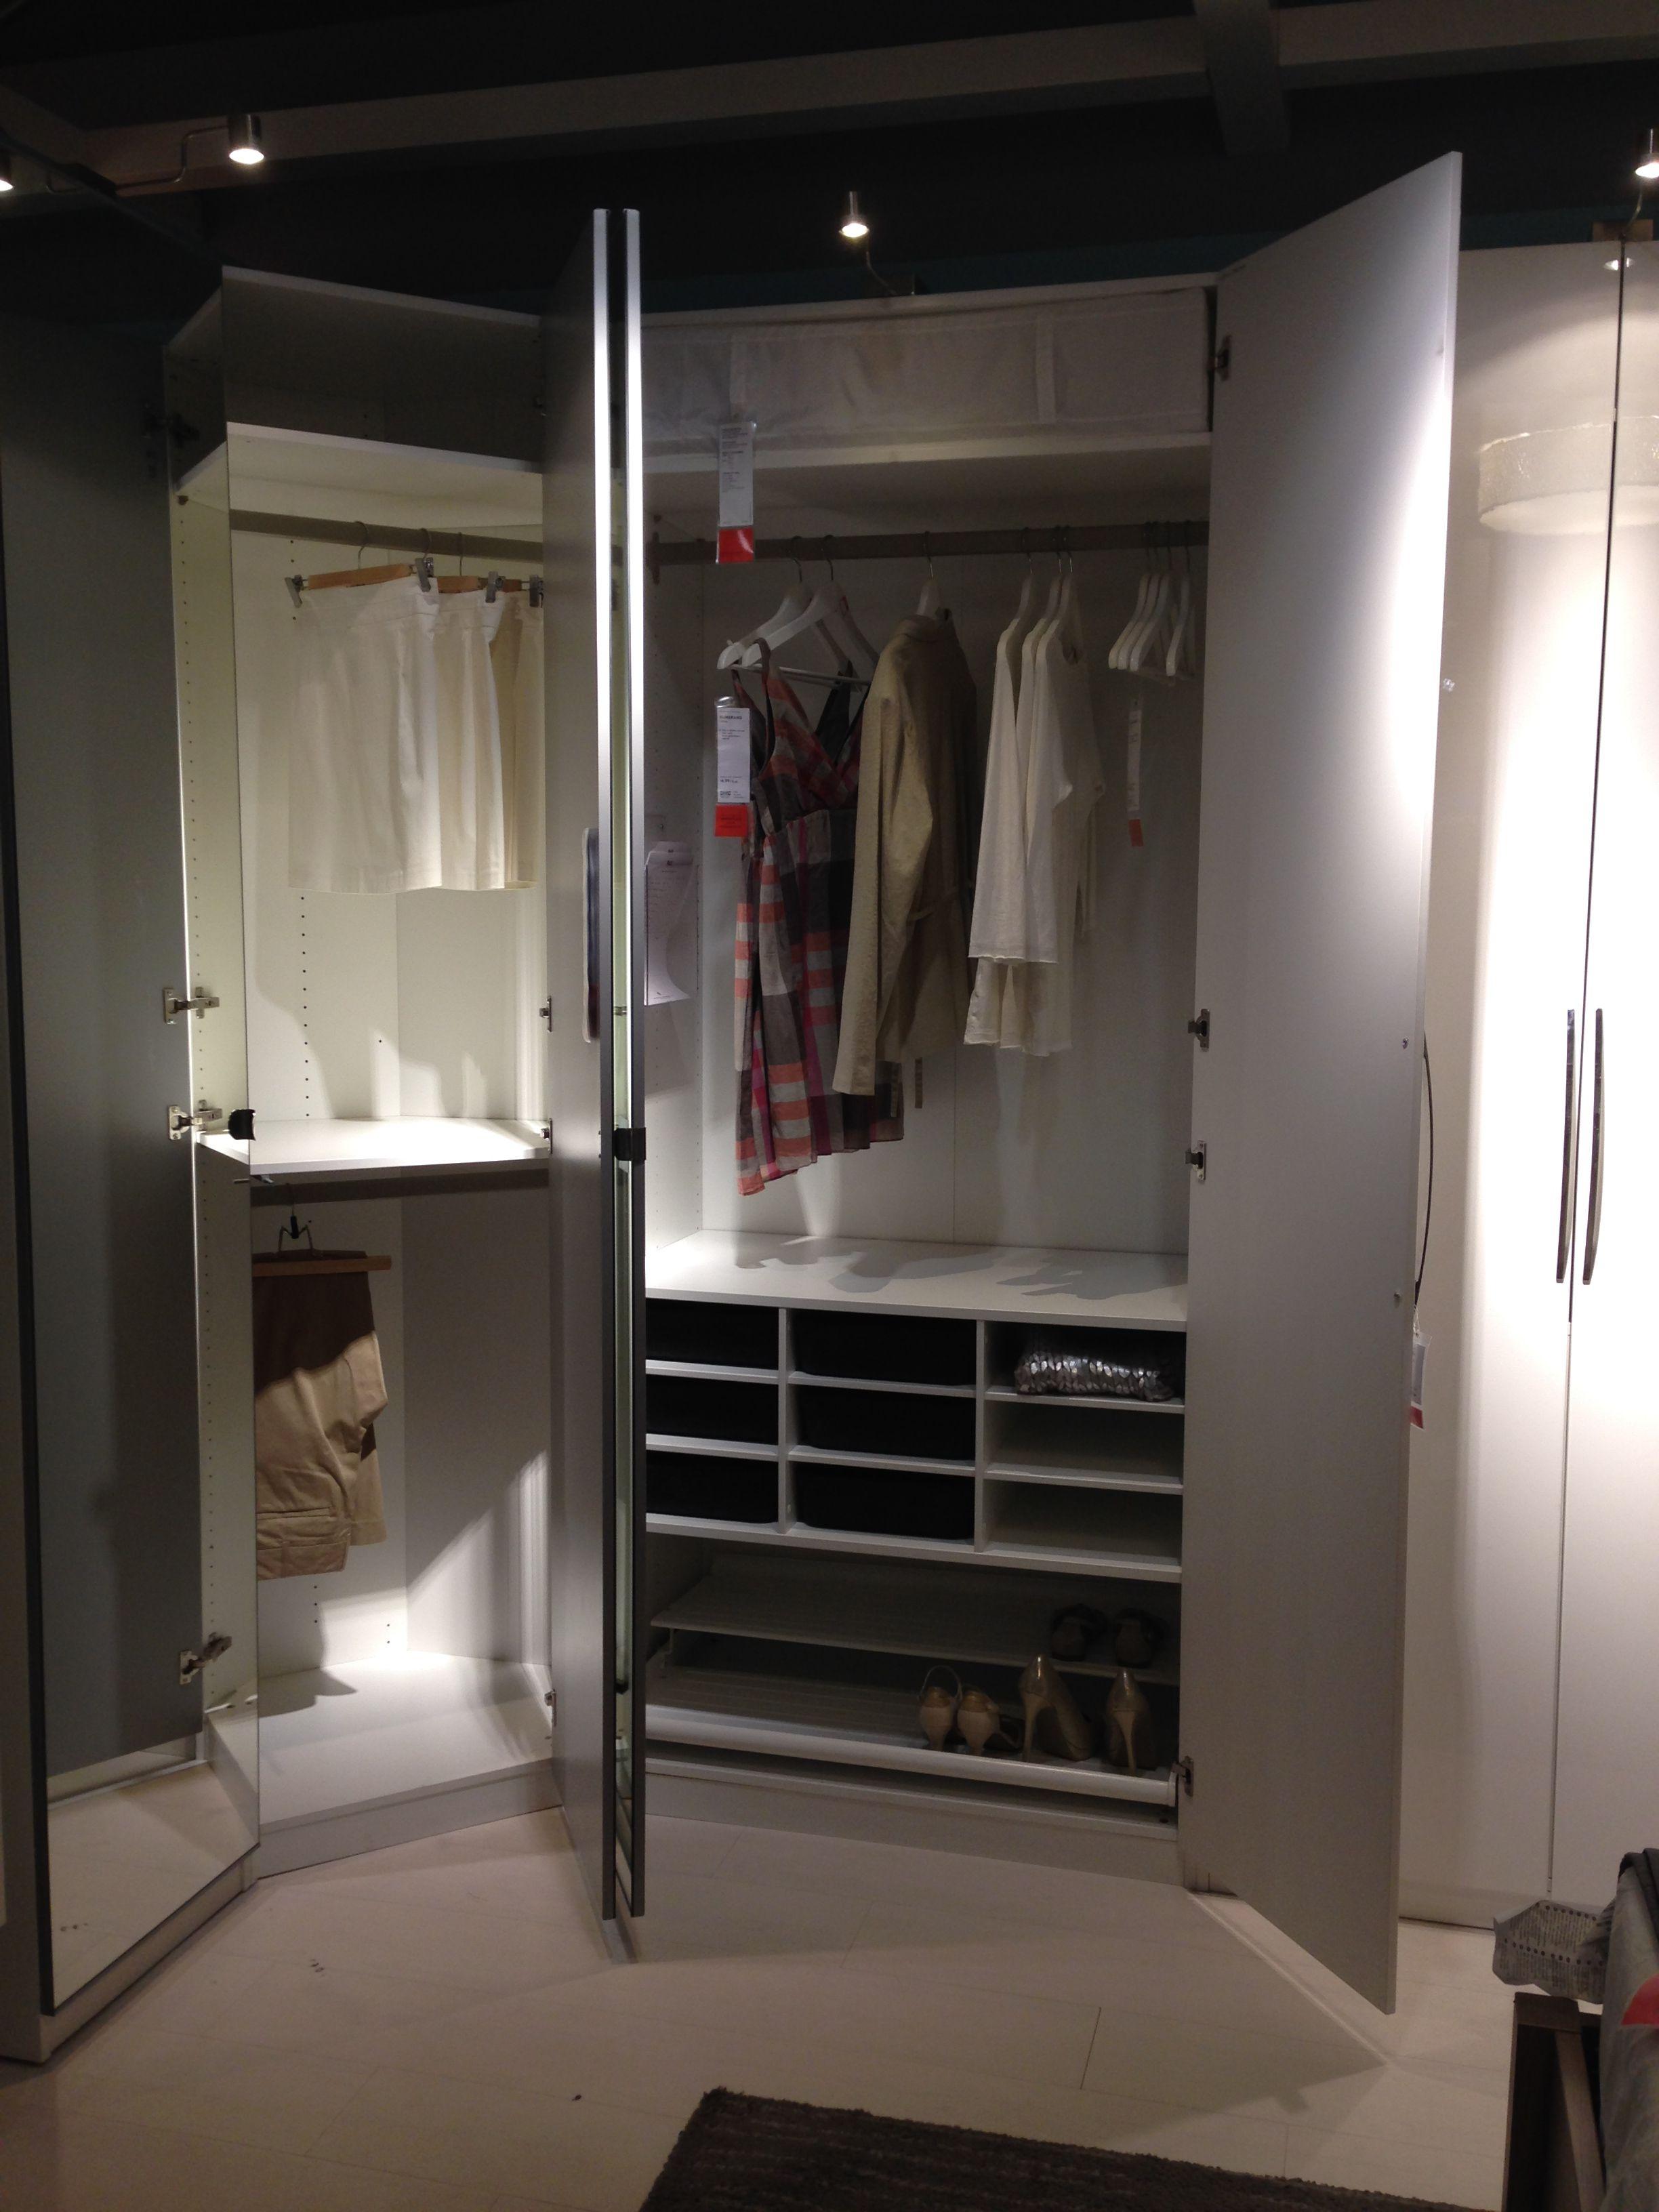 Pax Wardrobe Frame Vikedal Mirror Door Fardal Door Komplement